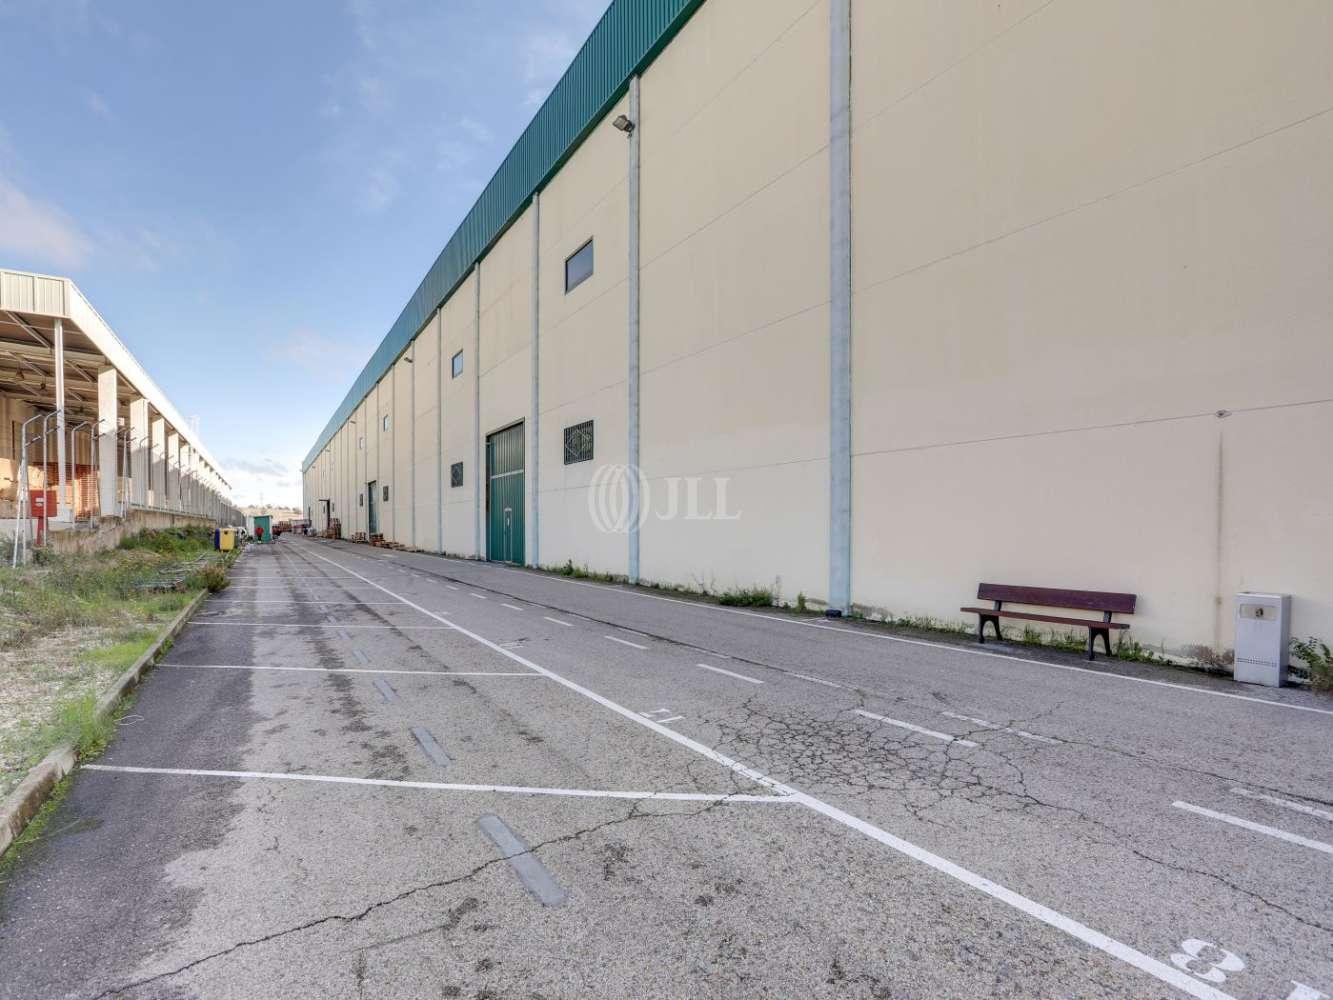 Naves industriales y logísticas Valdemoro, 28343 - Nave Logistica - M0343 P.I LA POSTURA VALDEMORO - 23375